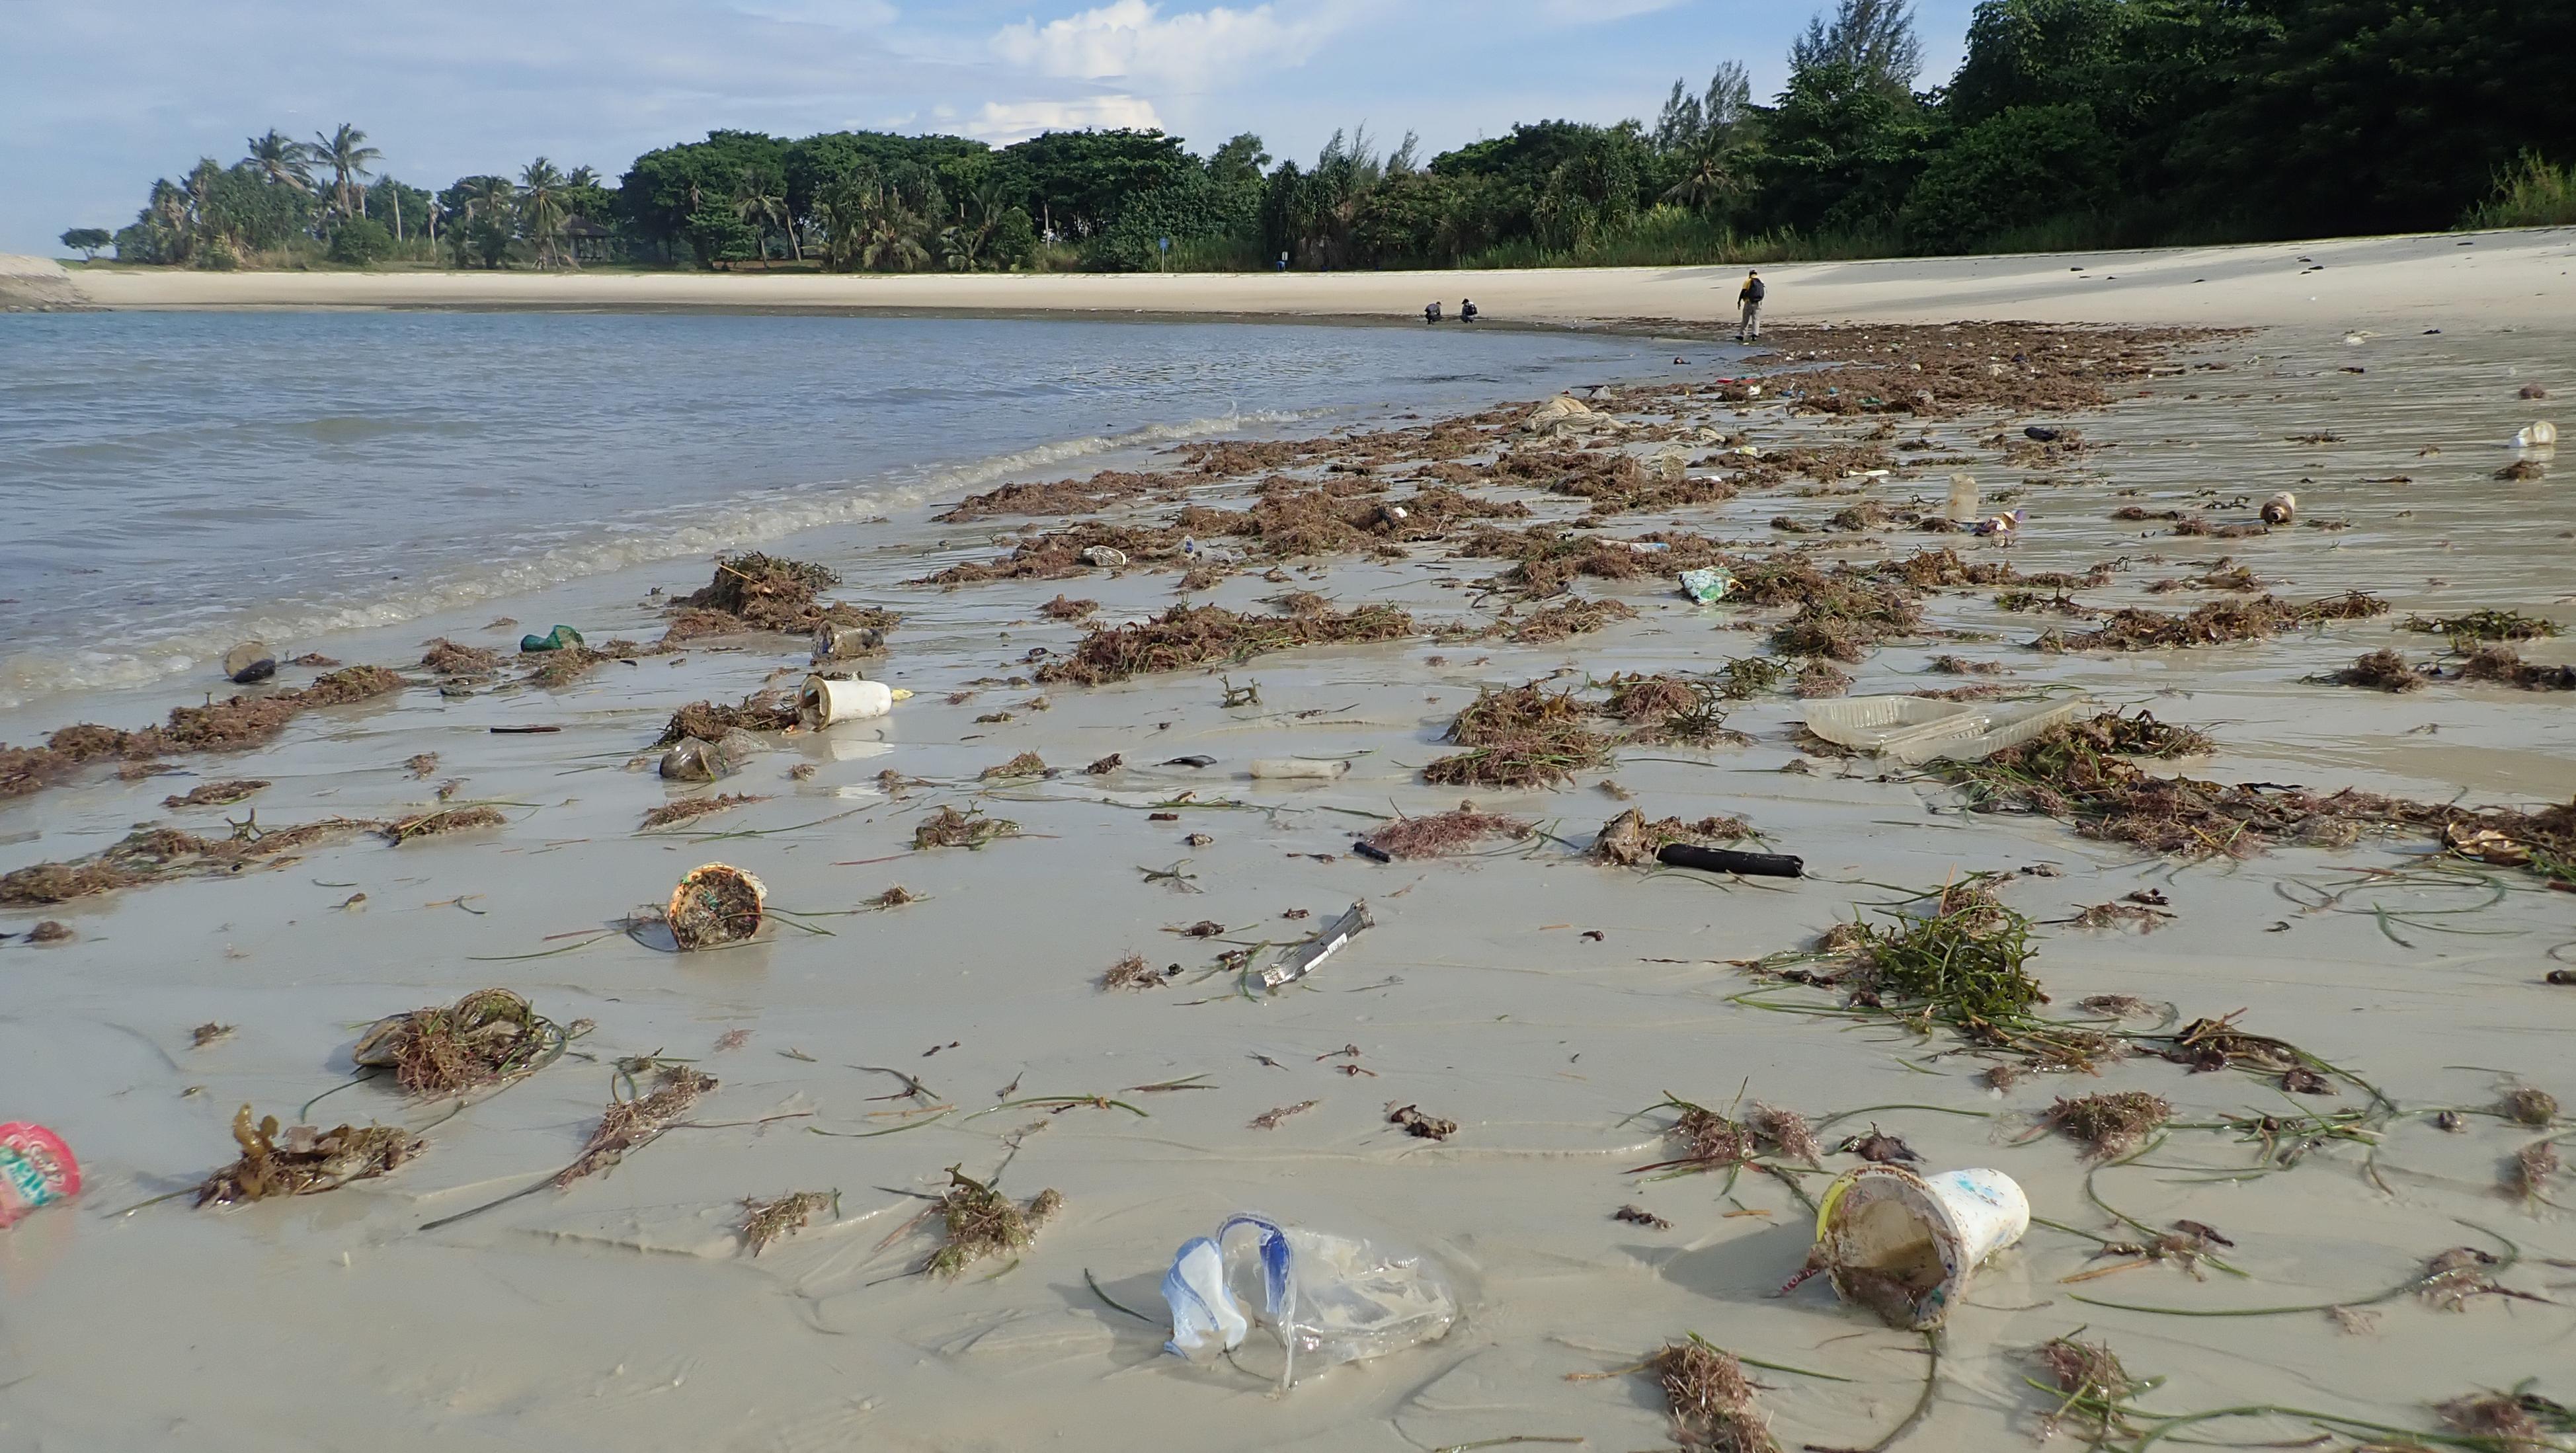 Litière sur le rivage à Seringat-Kias, Singapour (crédits: Ria Tan / Flickr Creative Commons Attribution - Pas d'Utilisation Commerciale - Pas de Modification 2.0 Générique (CC BY-NC-ND 2.0))